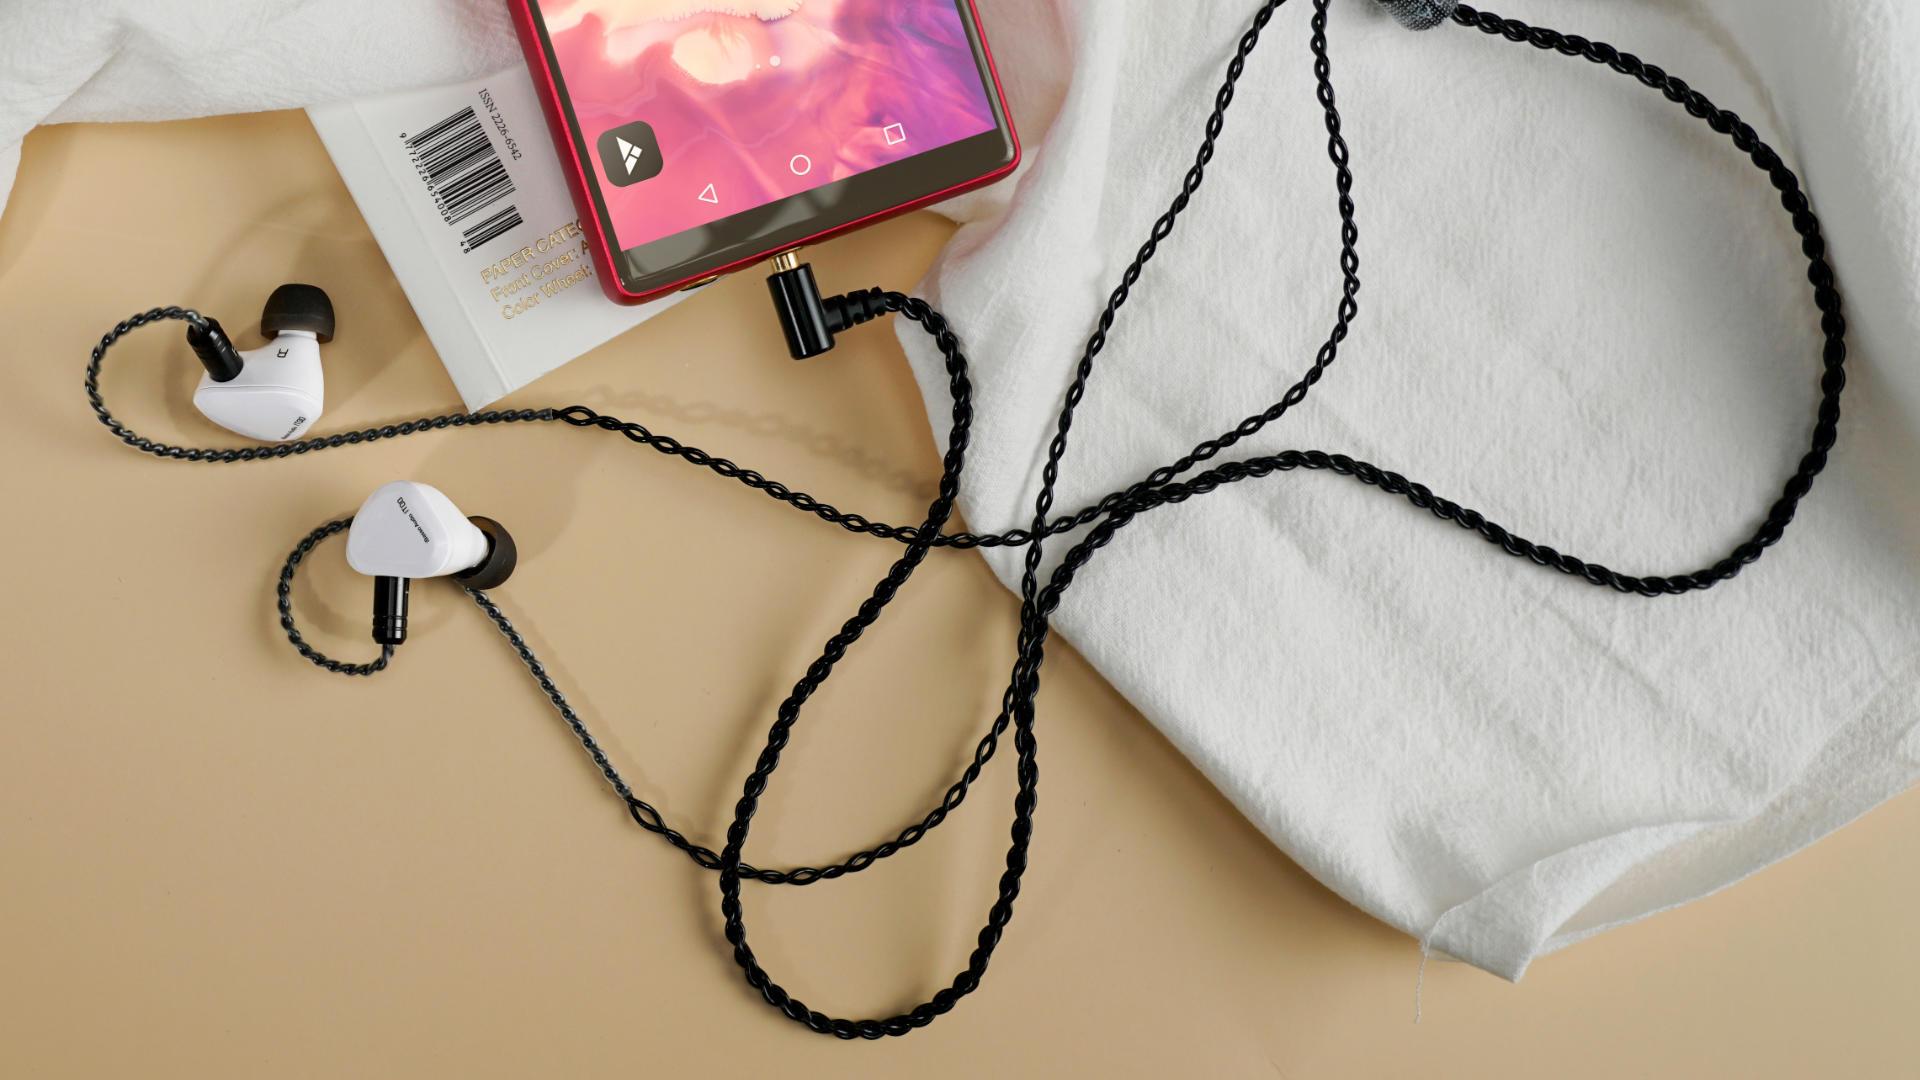 IT00 housings-cable.jpg